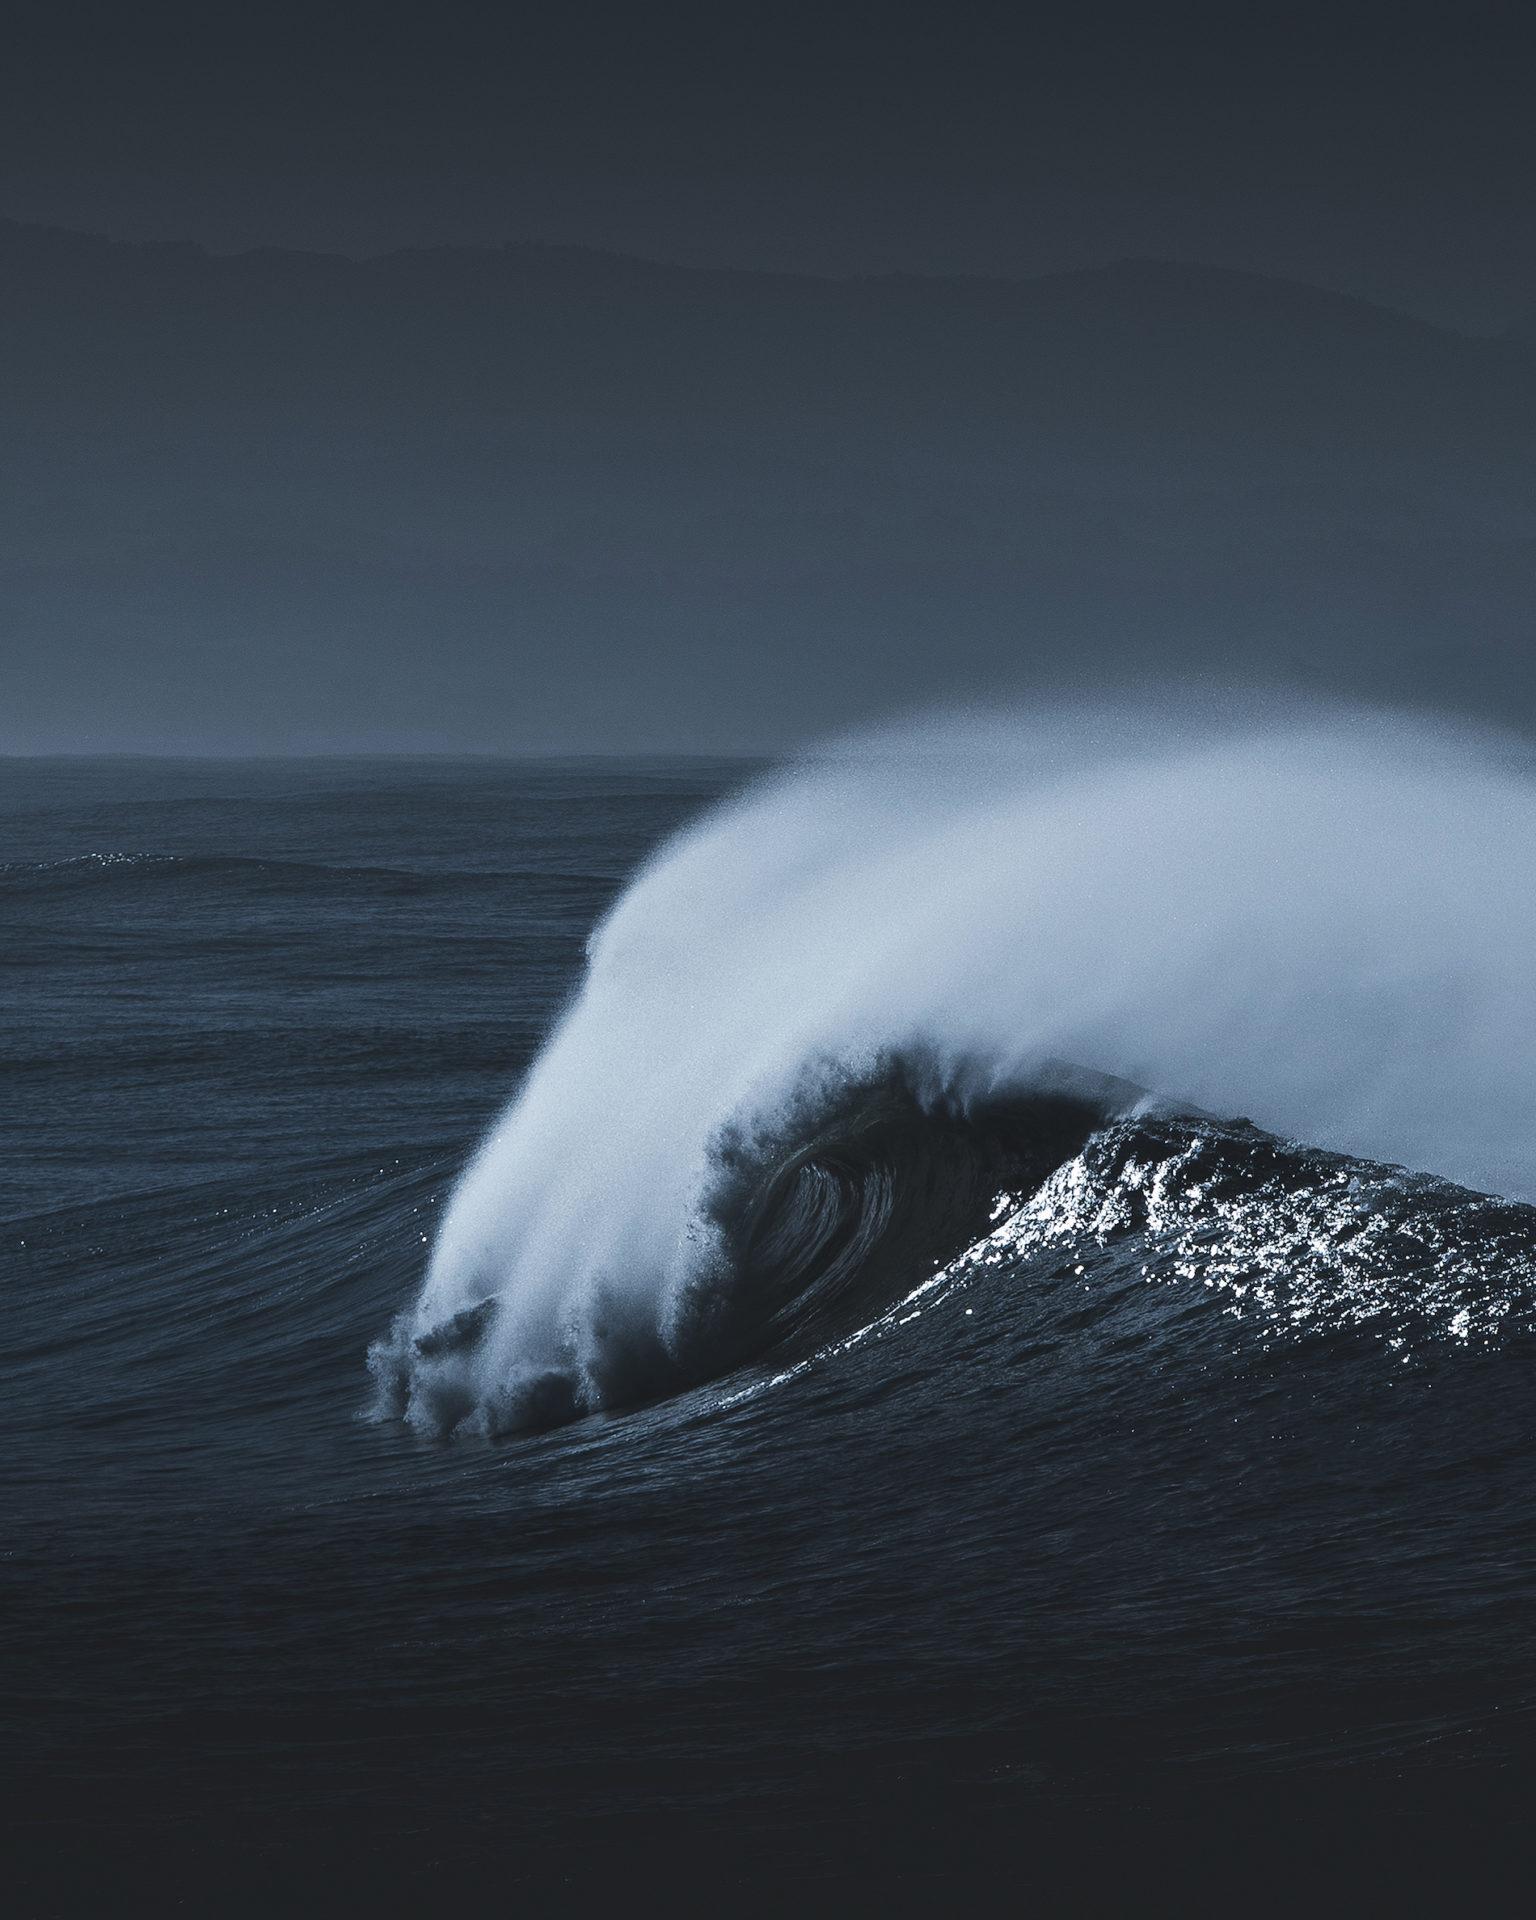 grosse vague dans l'ocean